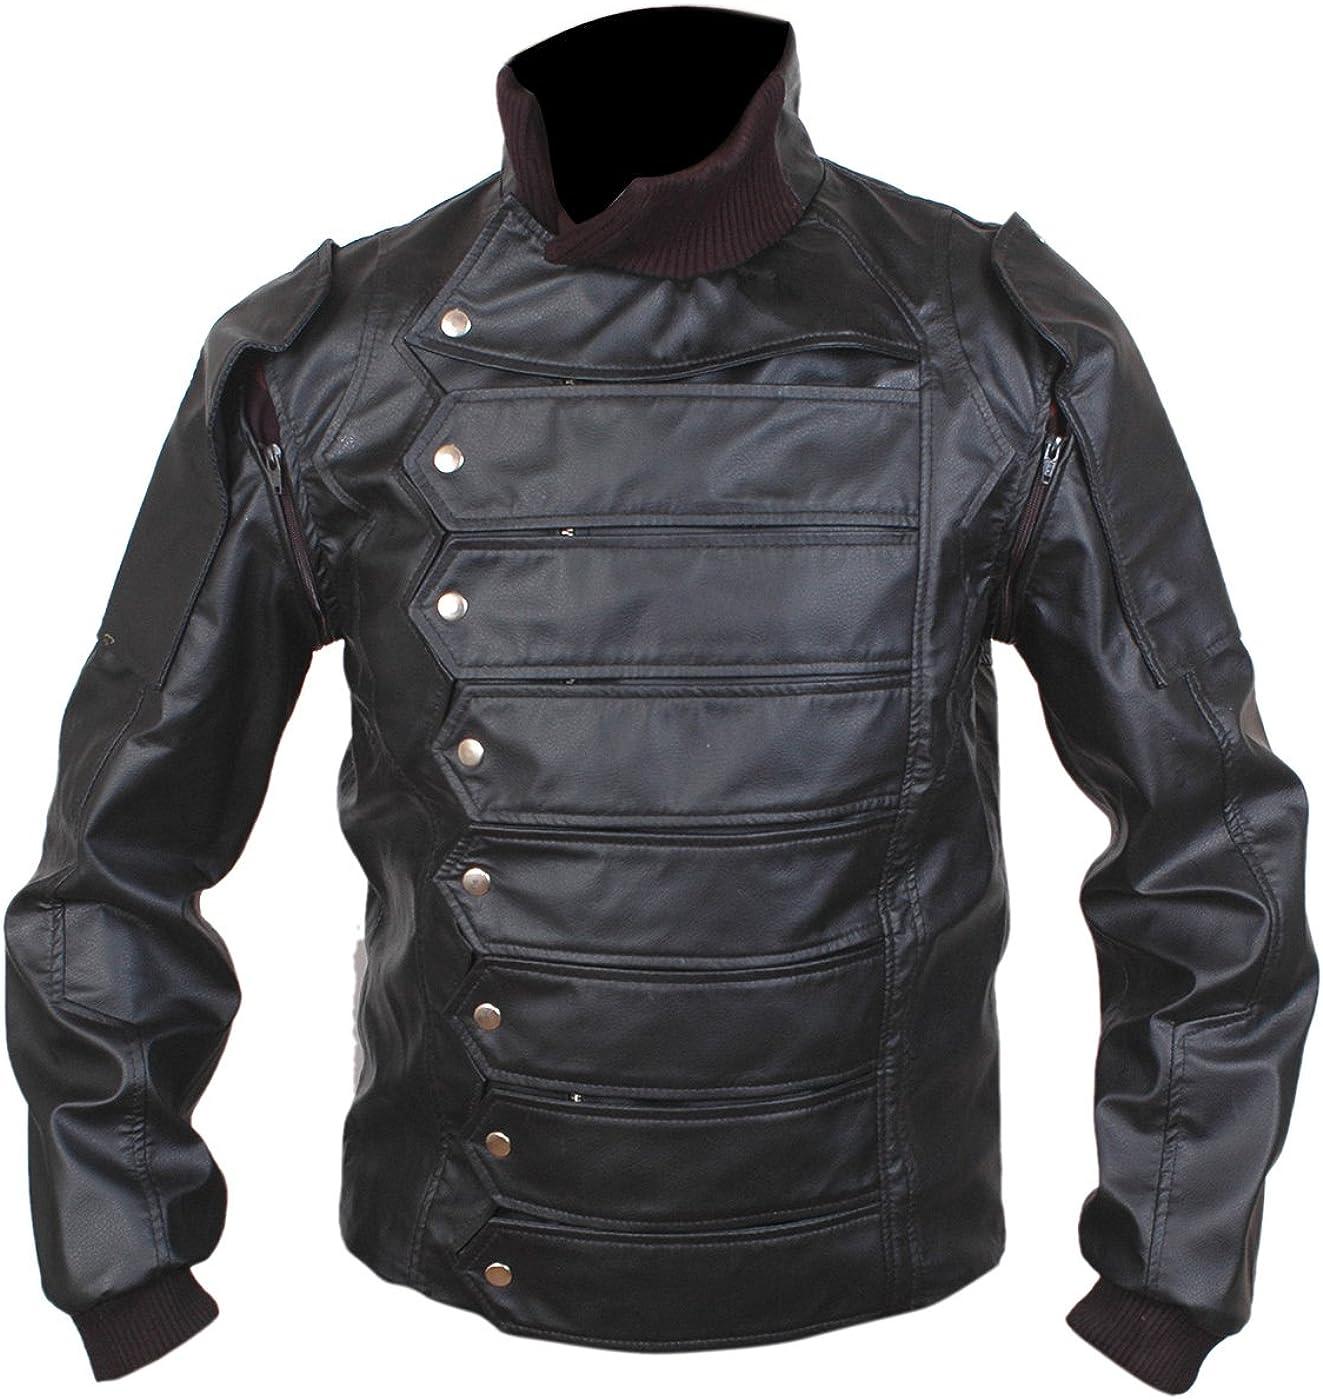 Women's Men's UNIQUE Design Black Leather Jacket